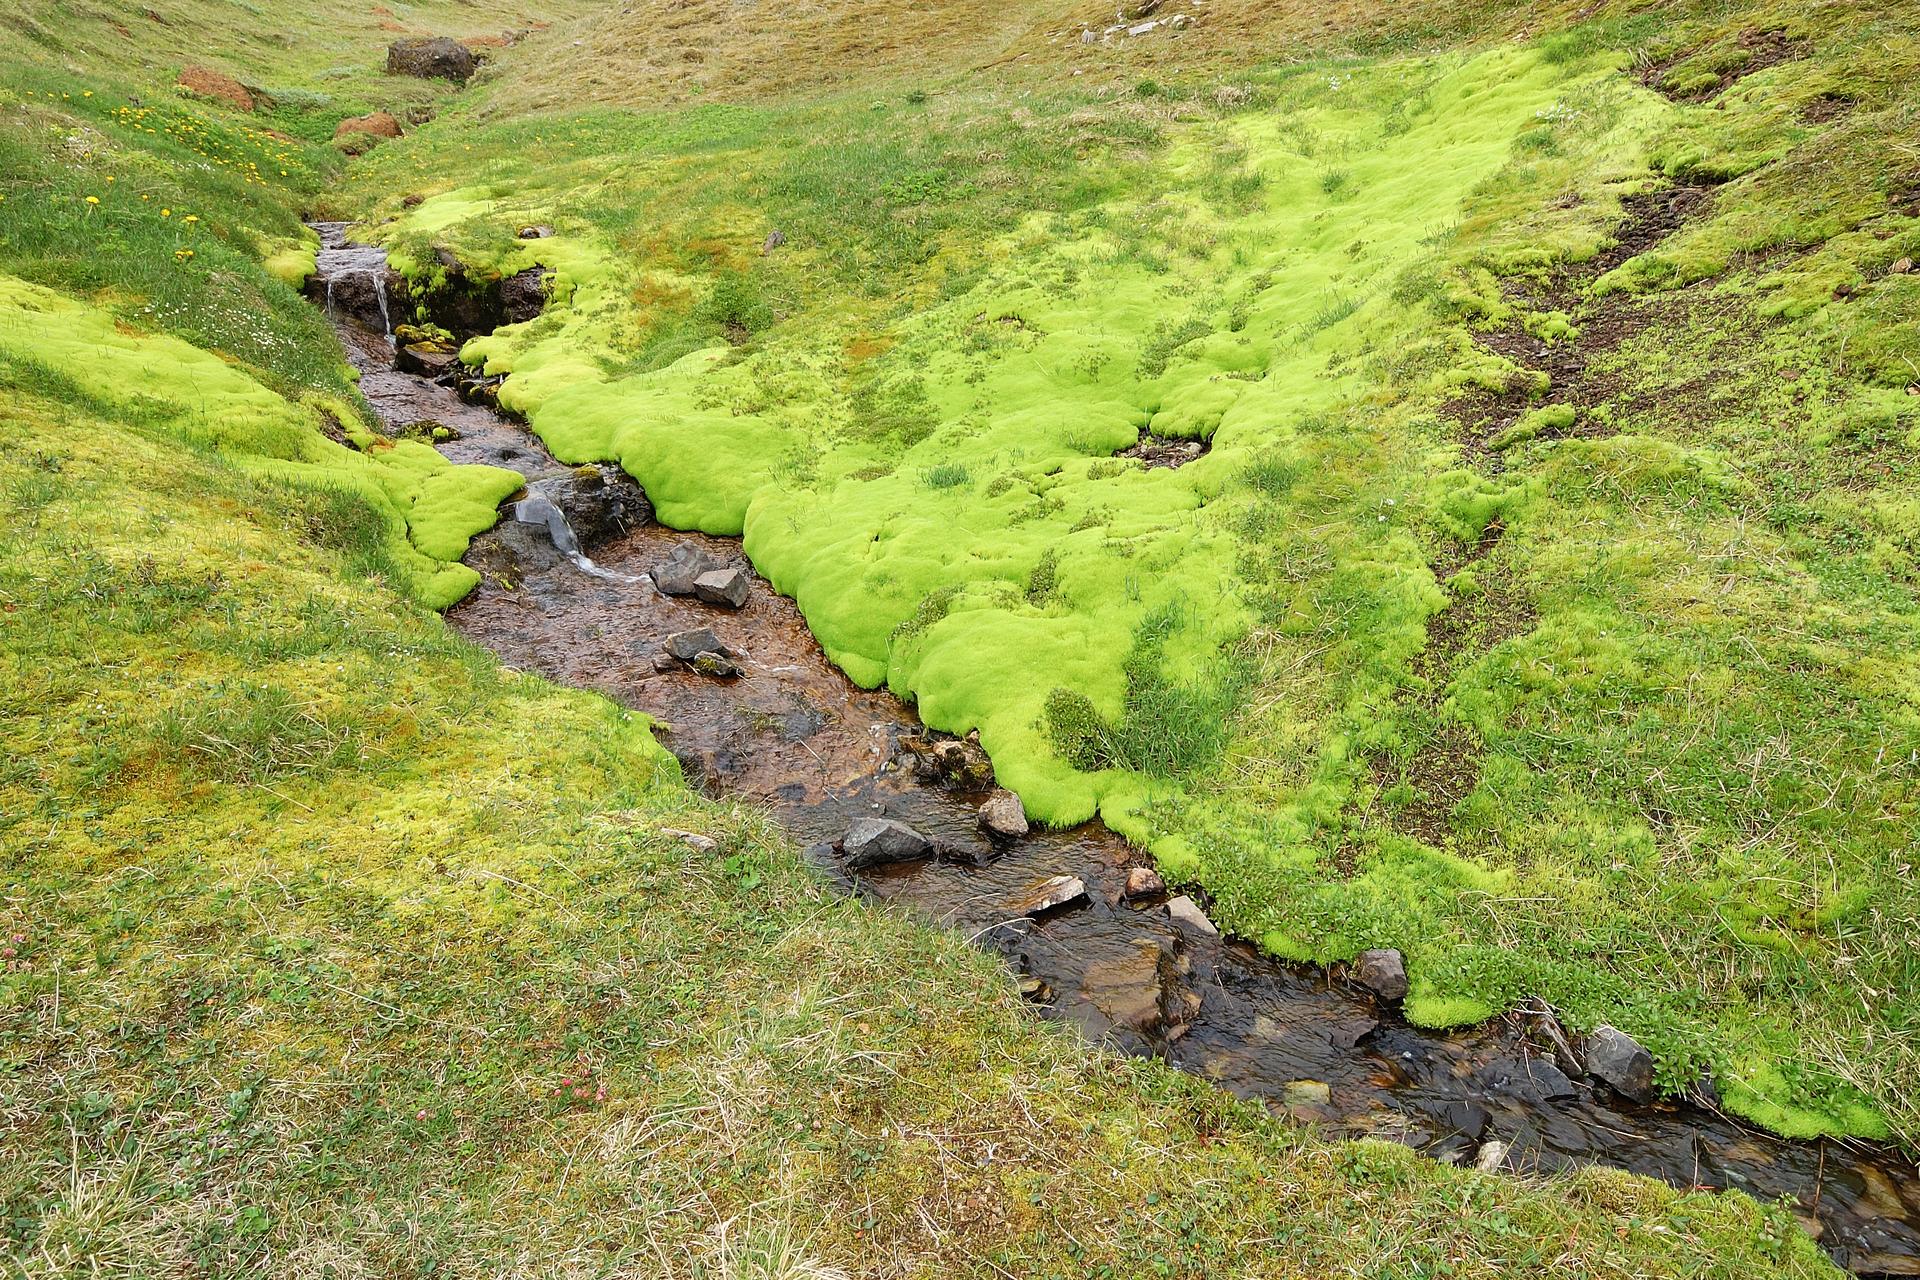 """Fotografia przedstawia niewielki strumień, płynący po skalistym podłożu. Brzegi strumienia pokryte są zielonymi """"poduchami"""" mchów. Obok rośnie trawa."""